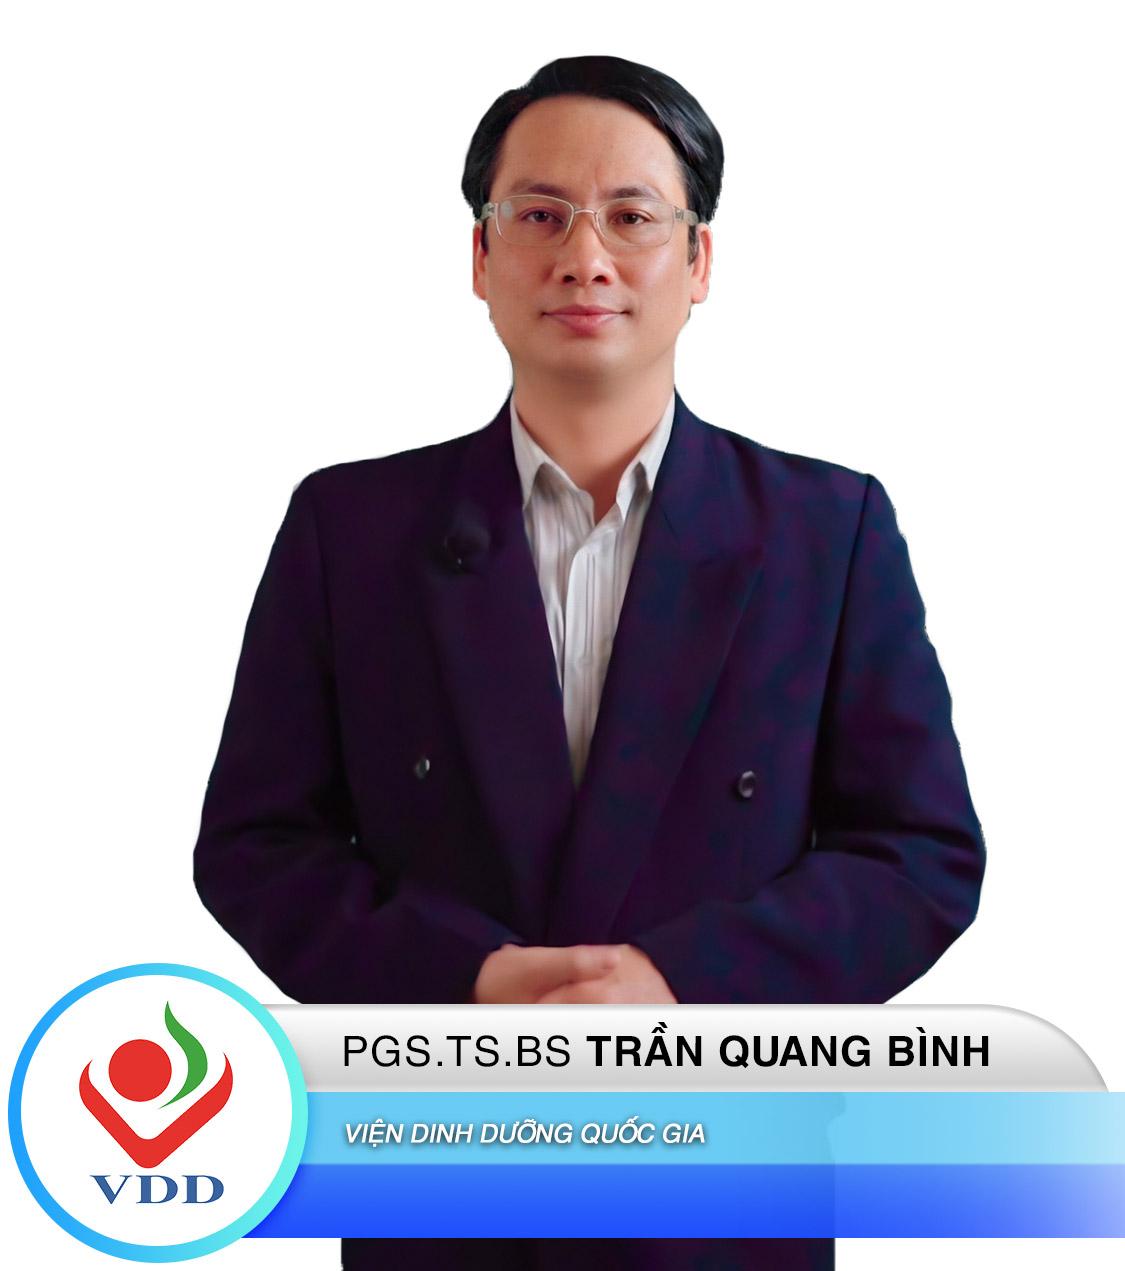 9. Trần Quang Bình